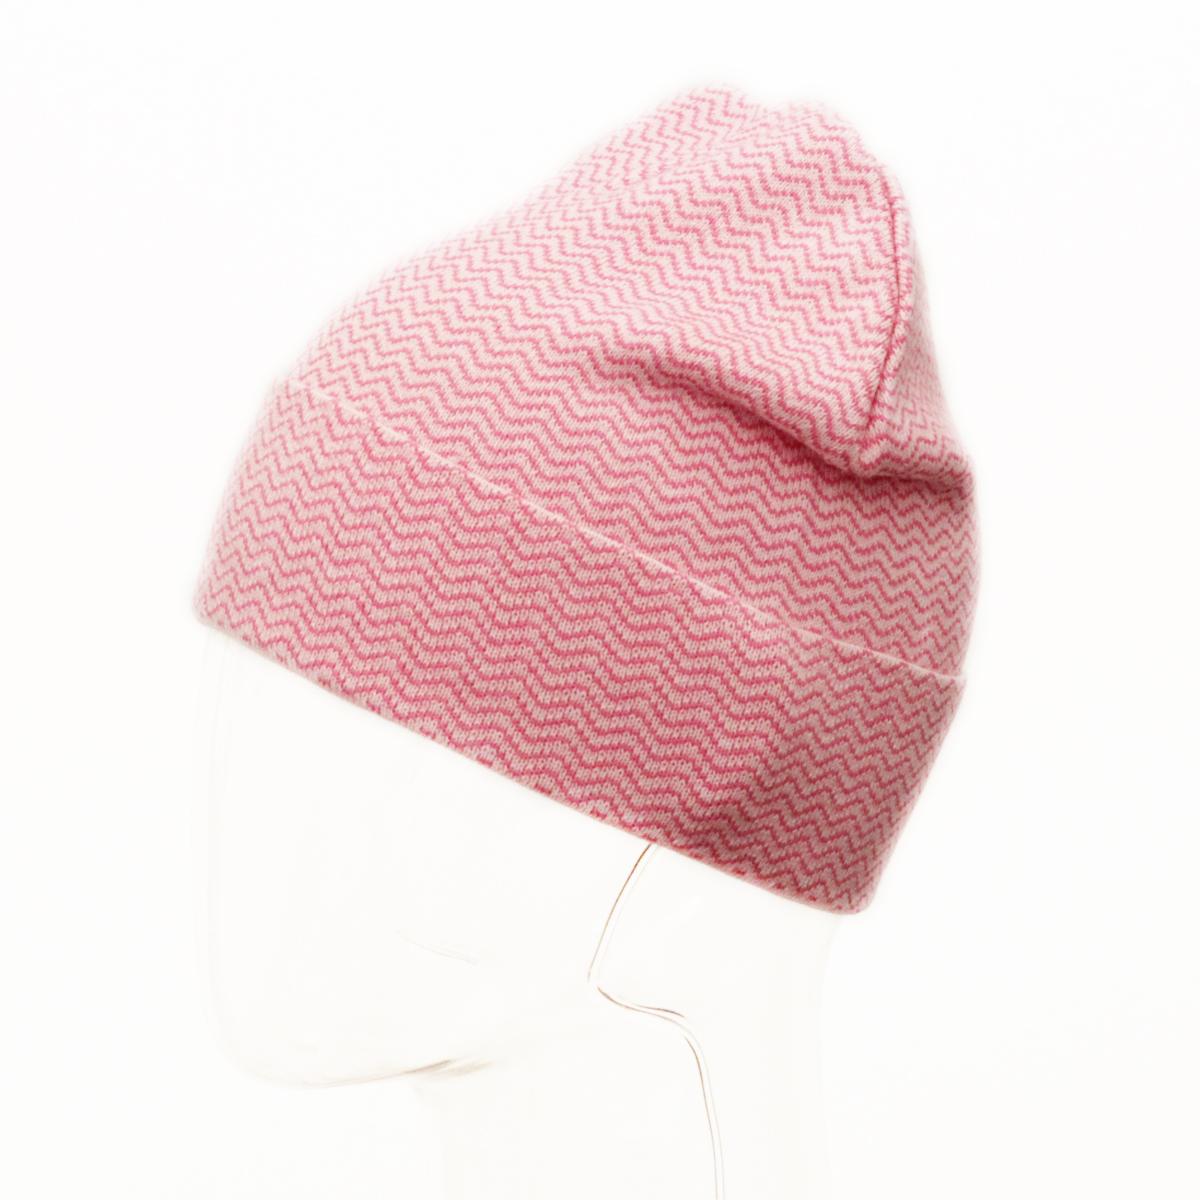 Шапка для девочки Marhatter, цвет: розовый. MFH8250. Размер 55/56MFH8250Хлопковая шапка Marhatter будет актуальной как на спортивных мероприятиях, так и в повседневной жизни. Уважаемые клиенты!Размер, доступный для заказа, является обхватом головы.